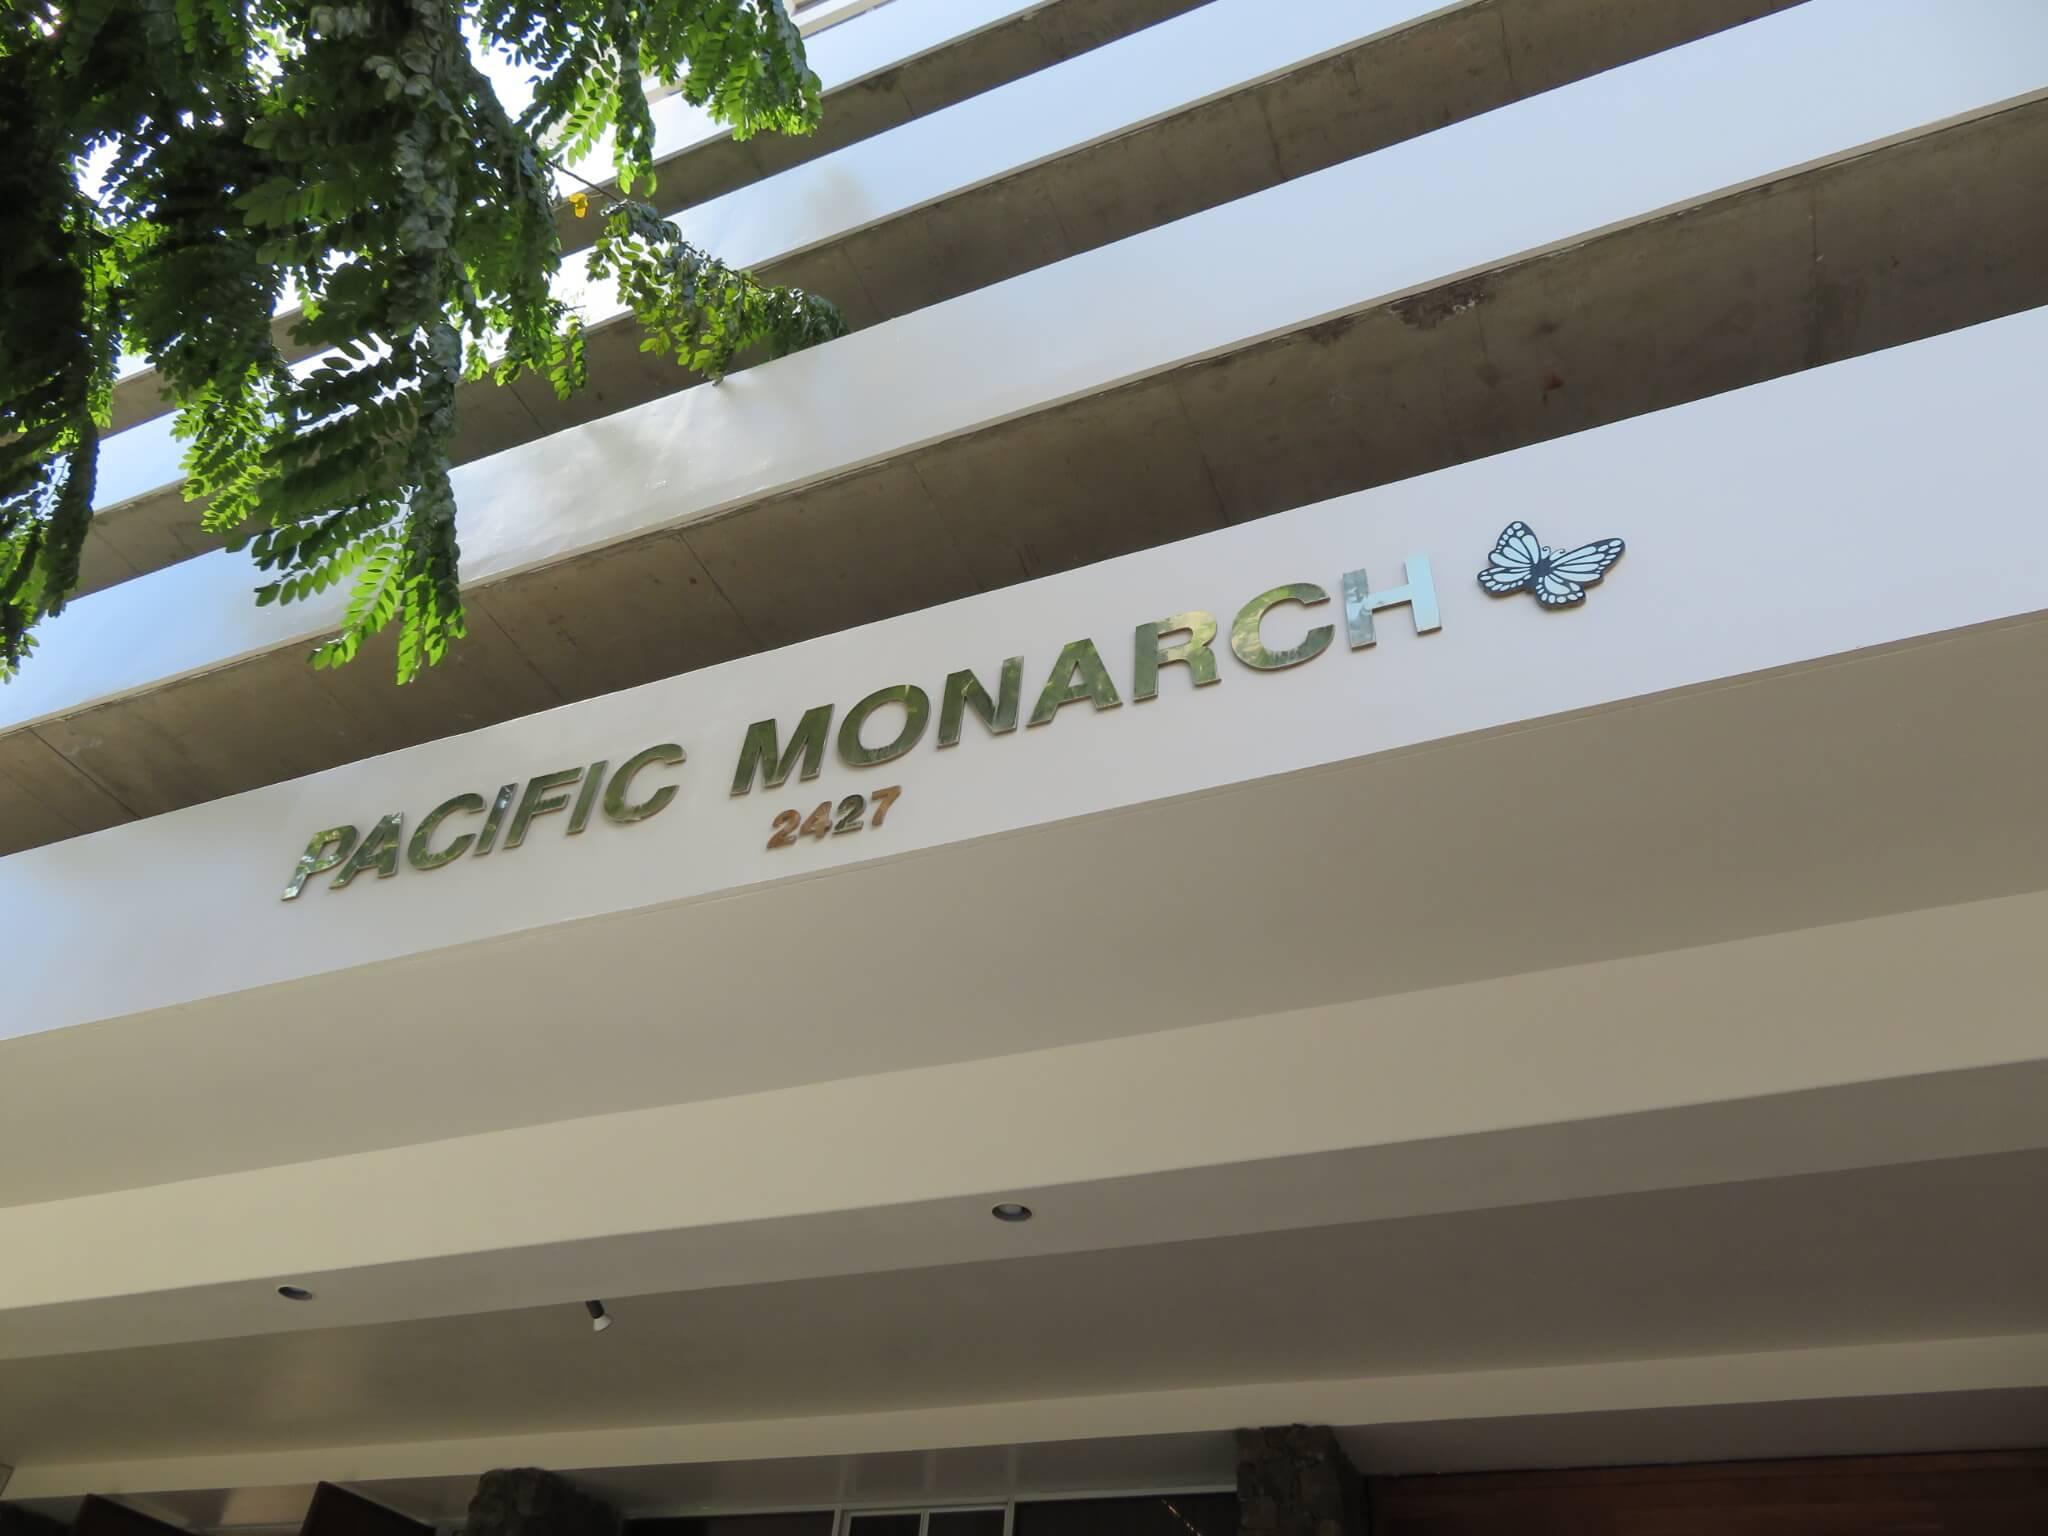 パシフィック・モナーク / Pacific Monarch